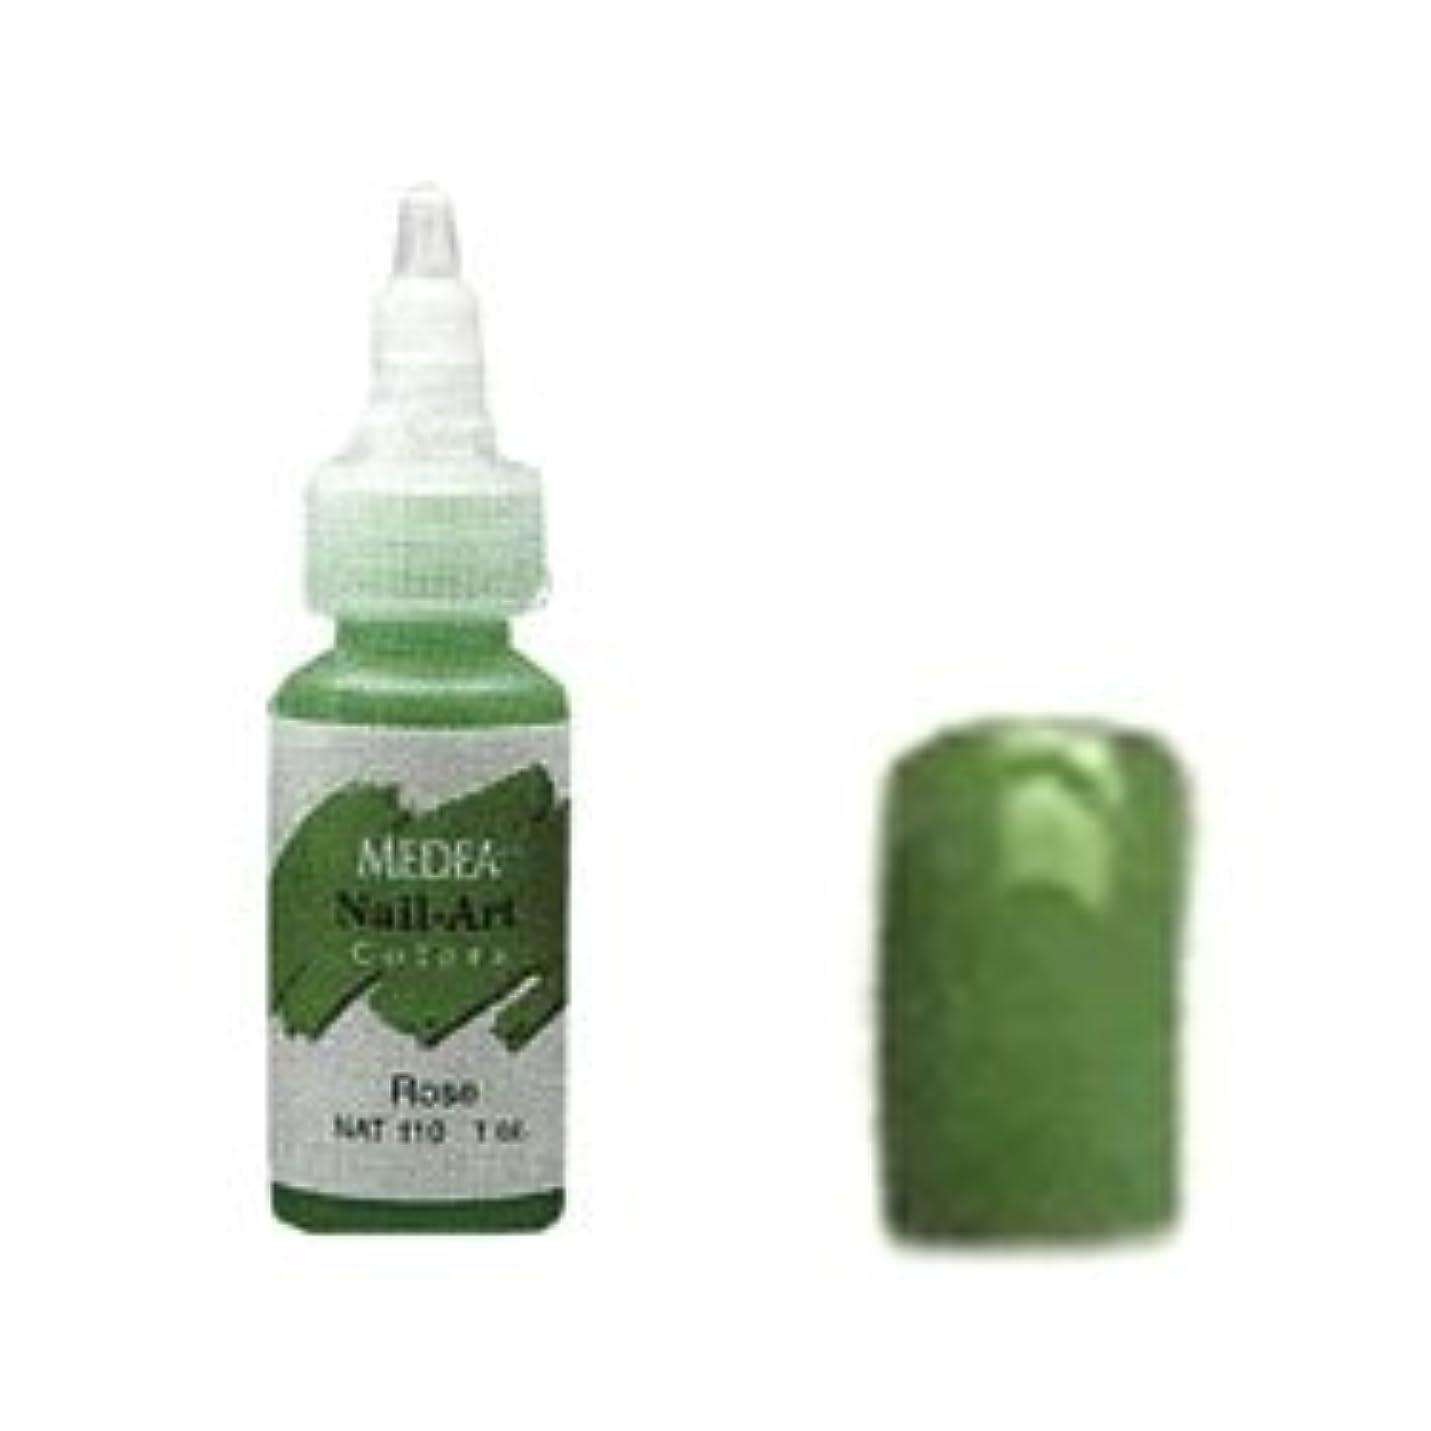 ブラシ留まるスペクトラムネイルカラー30ml リーフグリーン NAT123